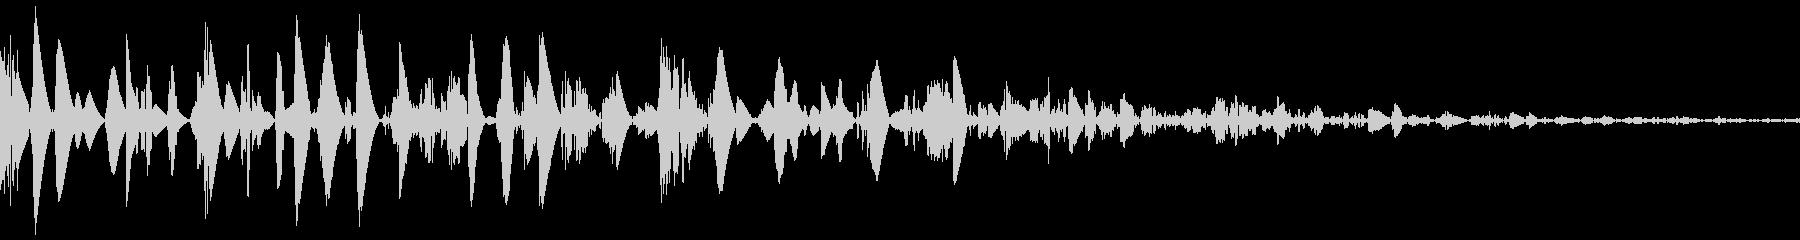 ドスン(重い 着地 倒れる)の未再生の波形